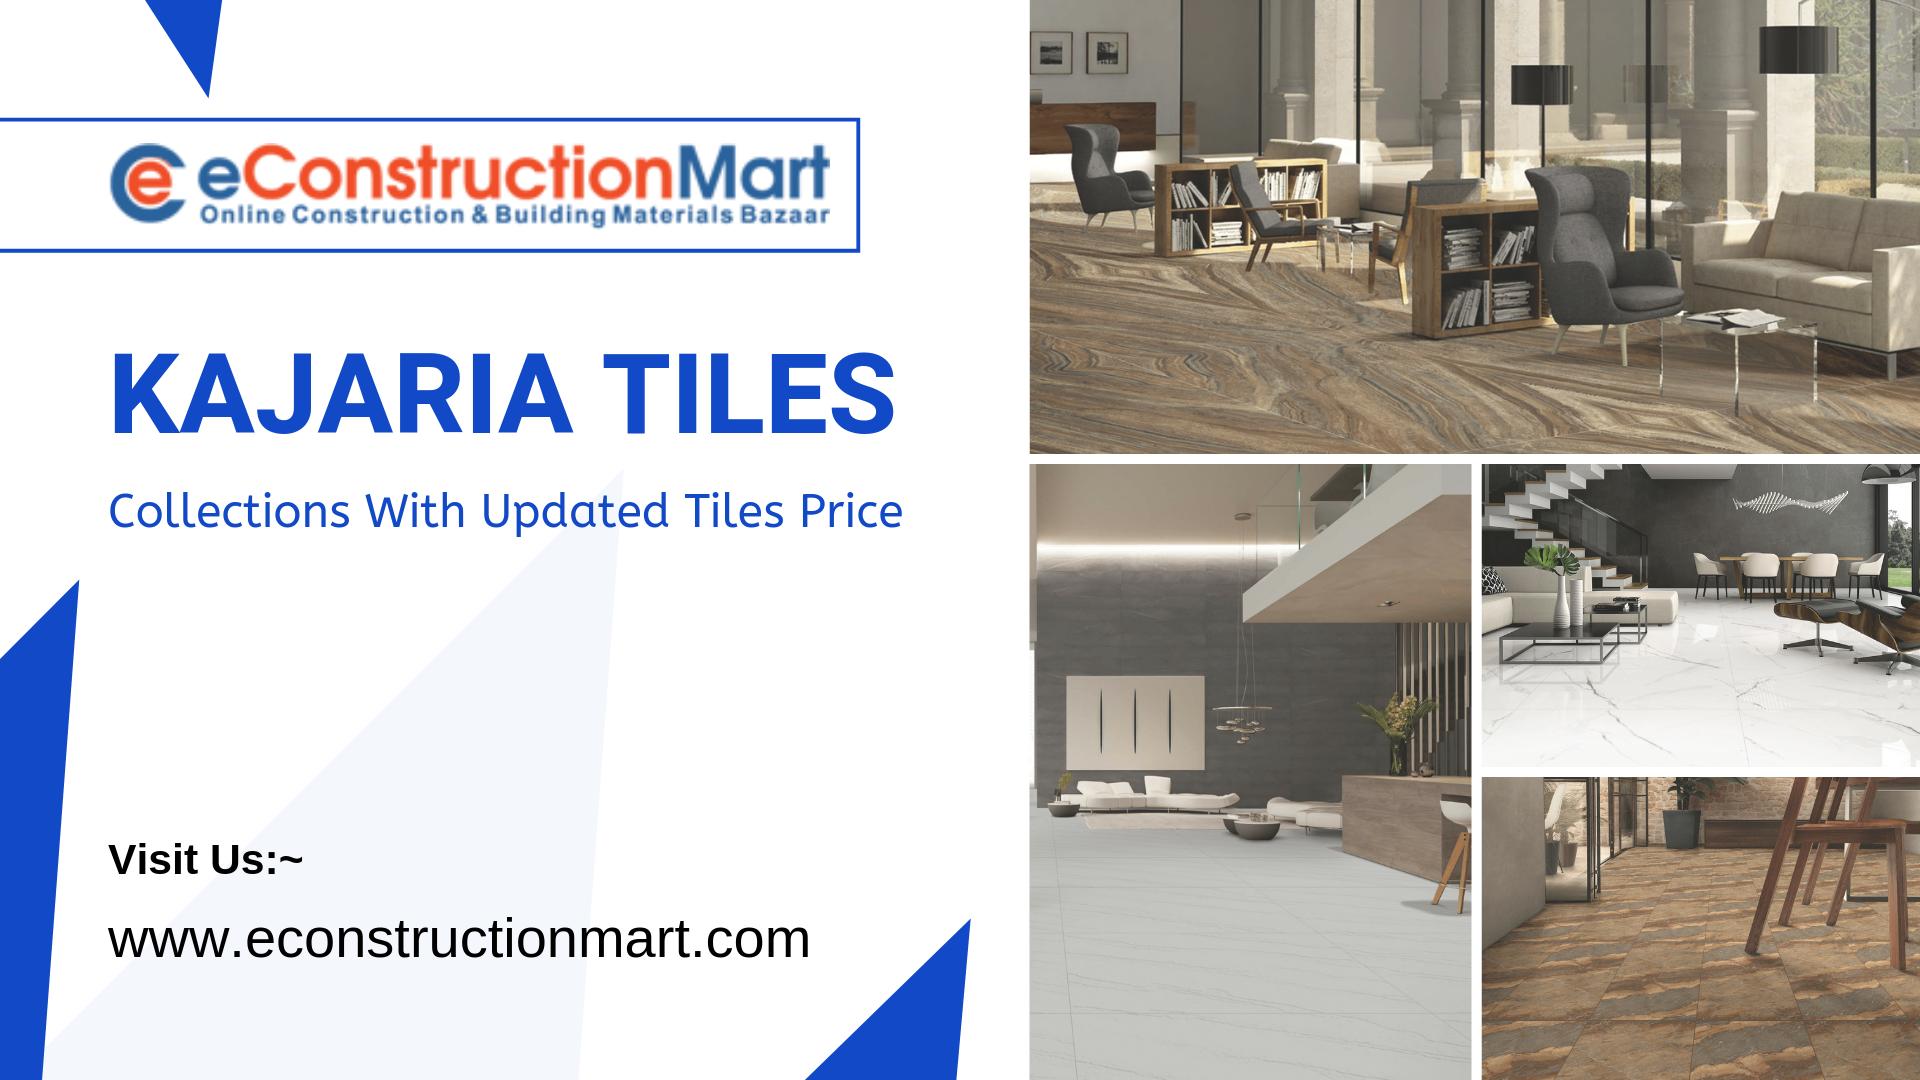 Kajaria Tiles Price List Tiles price, Tiles, Tiles online